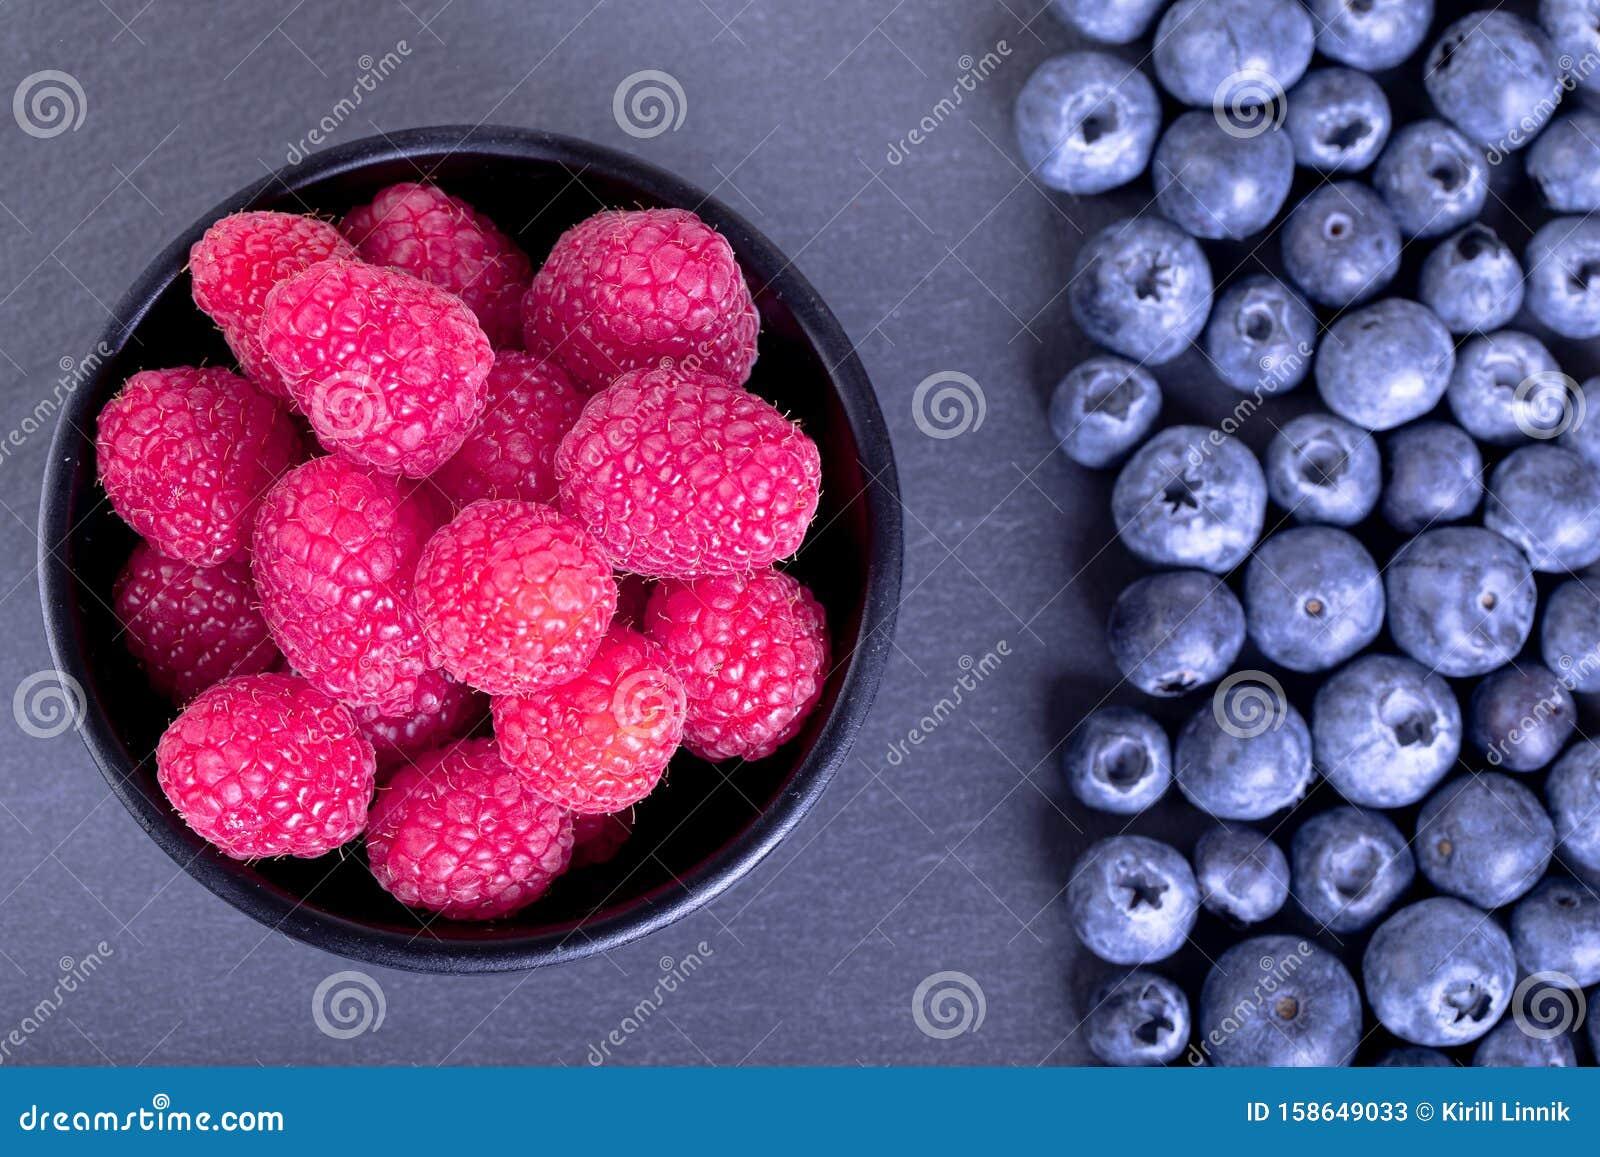 Berries on black plate